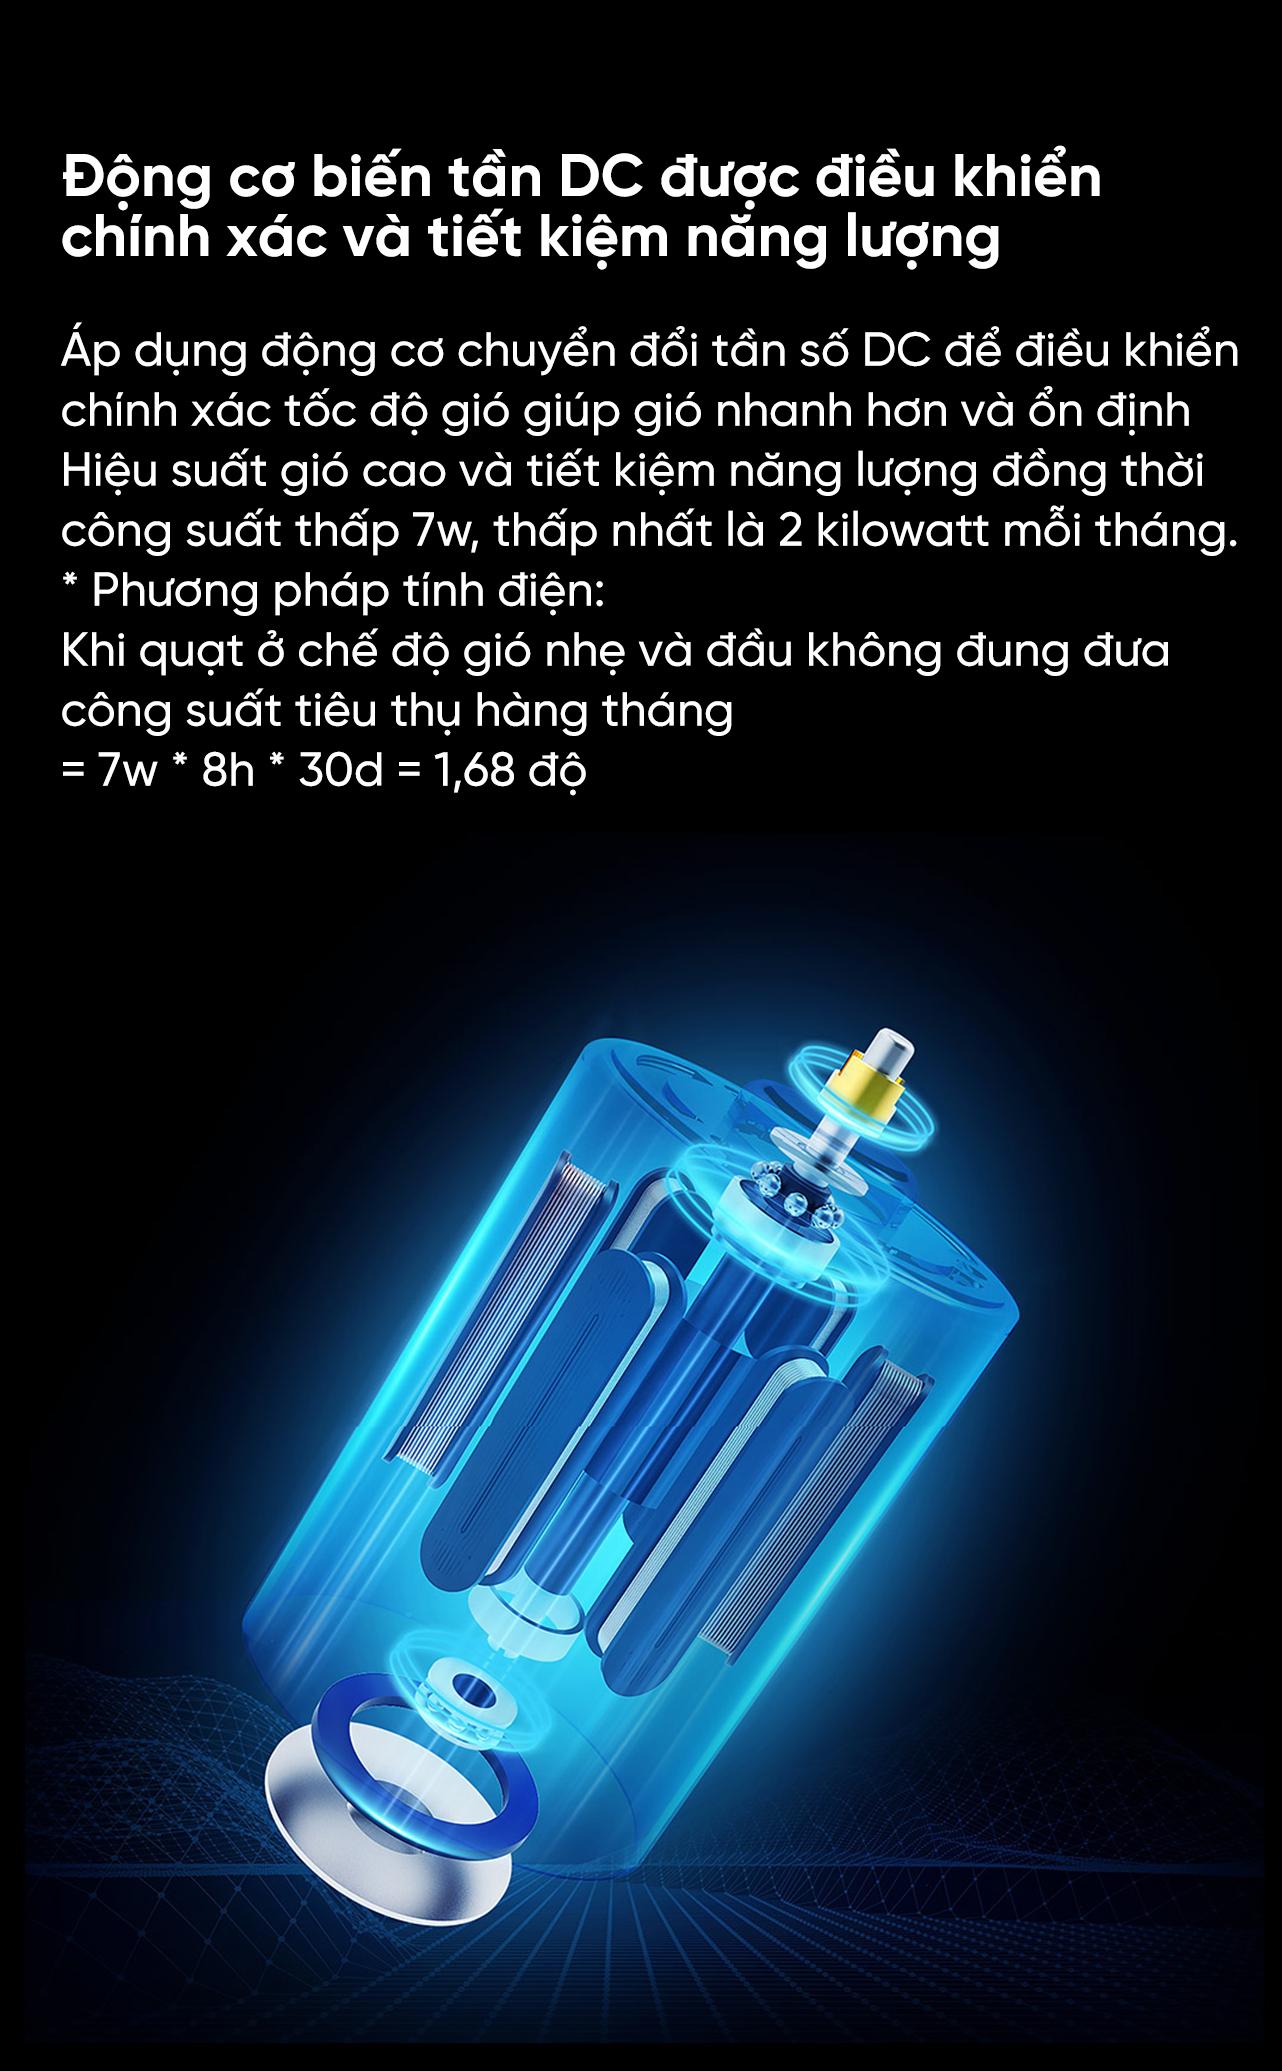 quat-thap-thong-minh-ss4-9